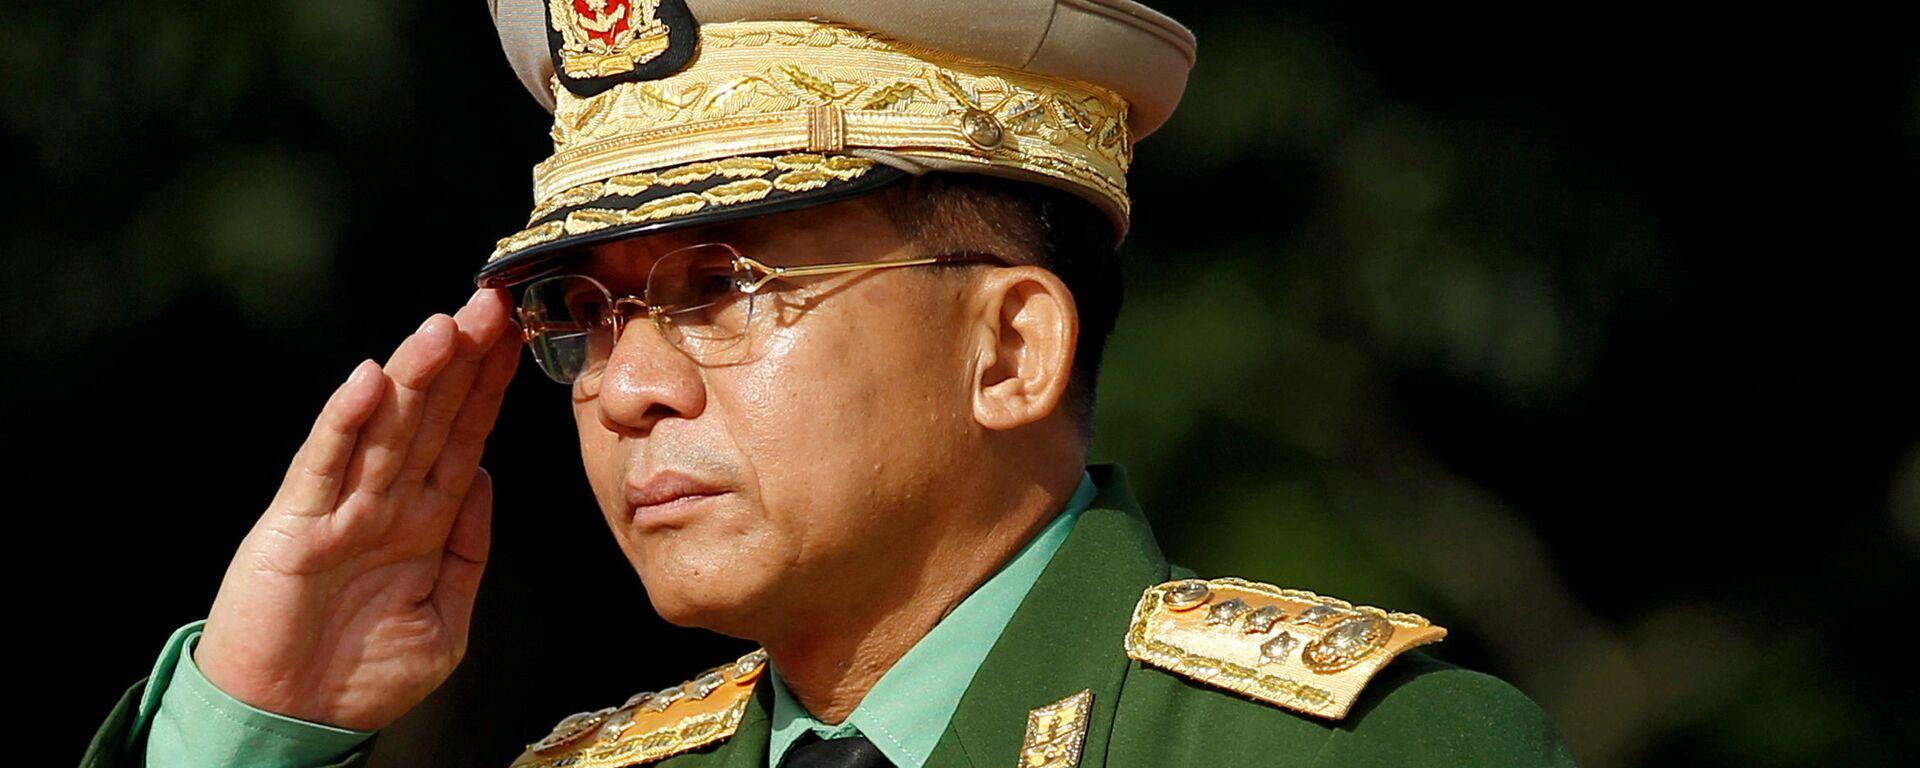 Tổng tư lệnh các lực lượng vũ trang Myanmar Min Aung Hlaing. - Sputnik Việt Nam, 1920, 21.04.2021